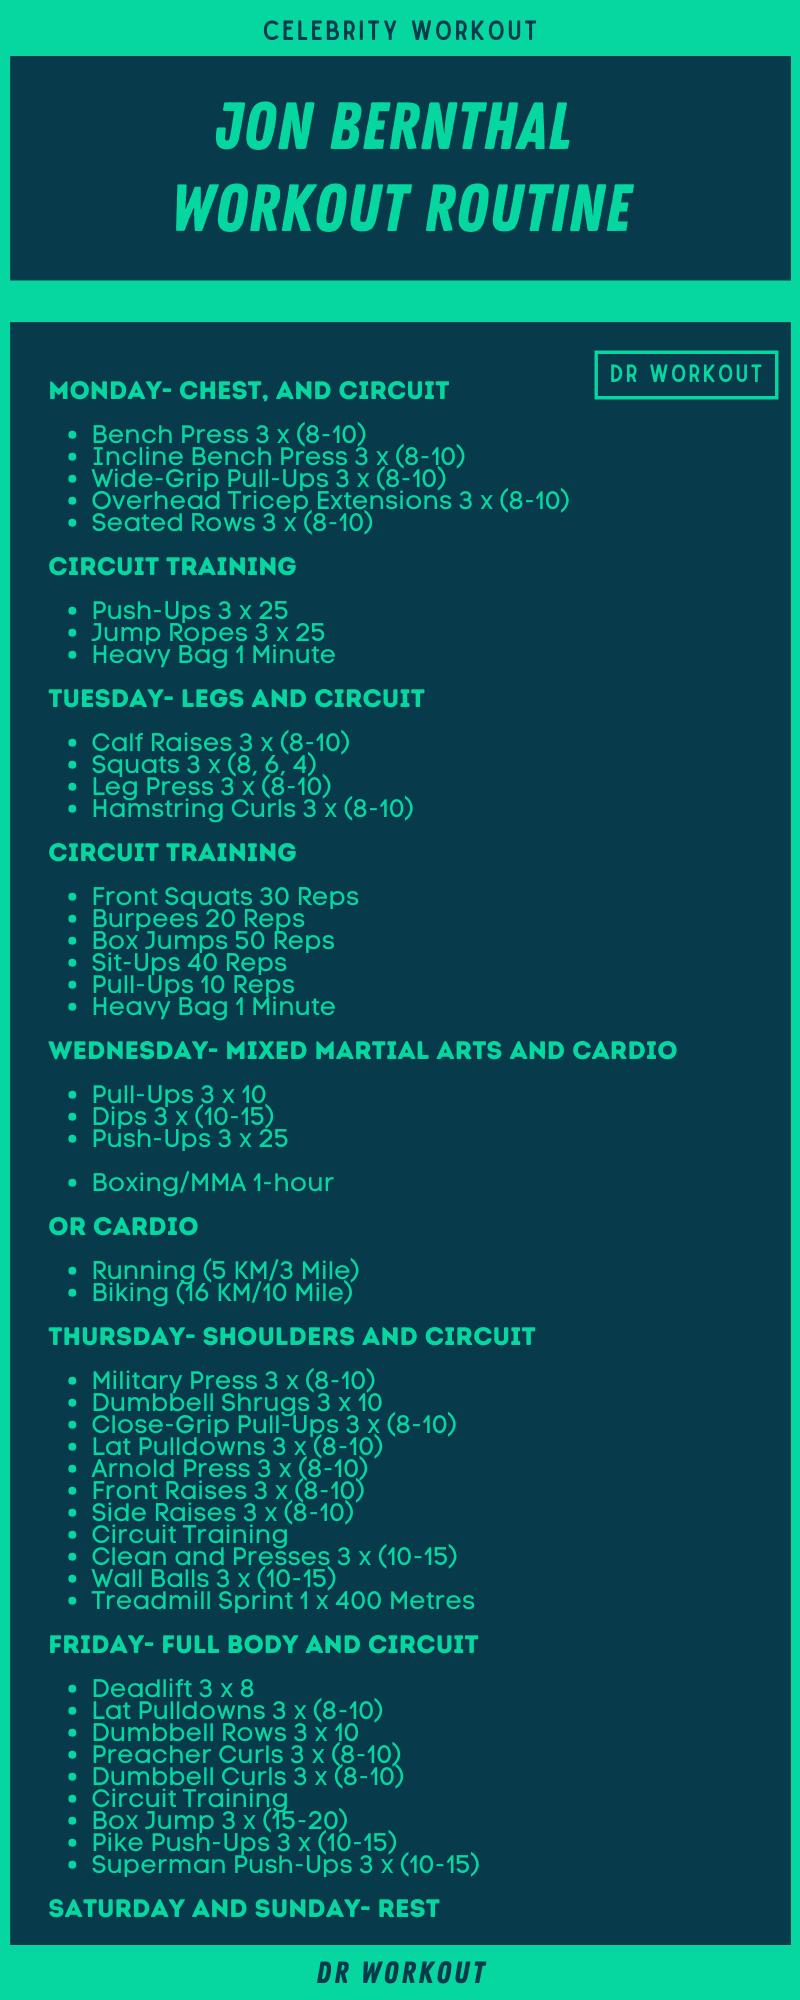 Jon Bernthal Workout Routine